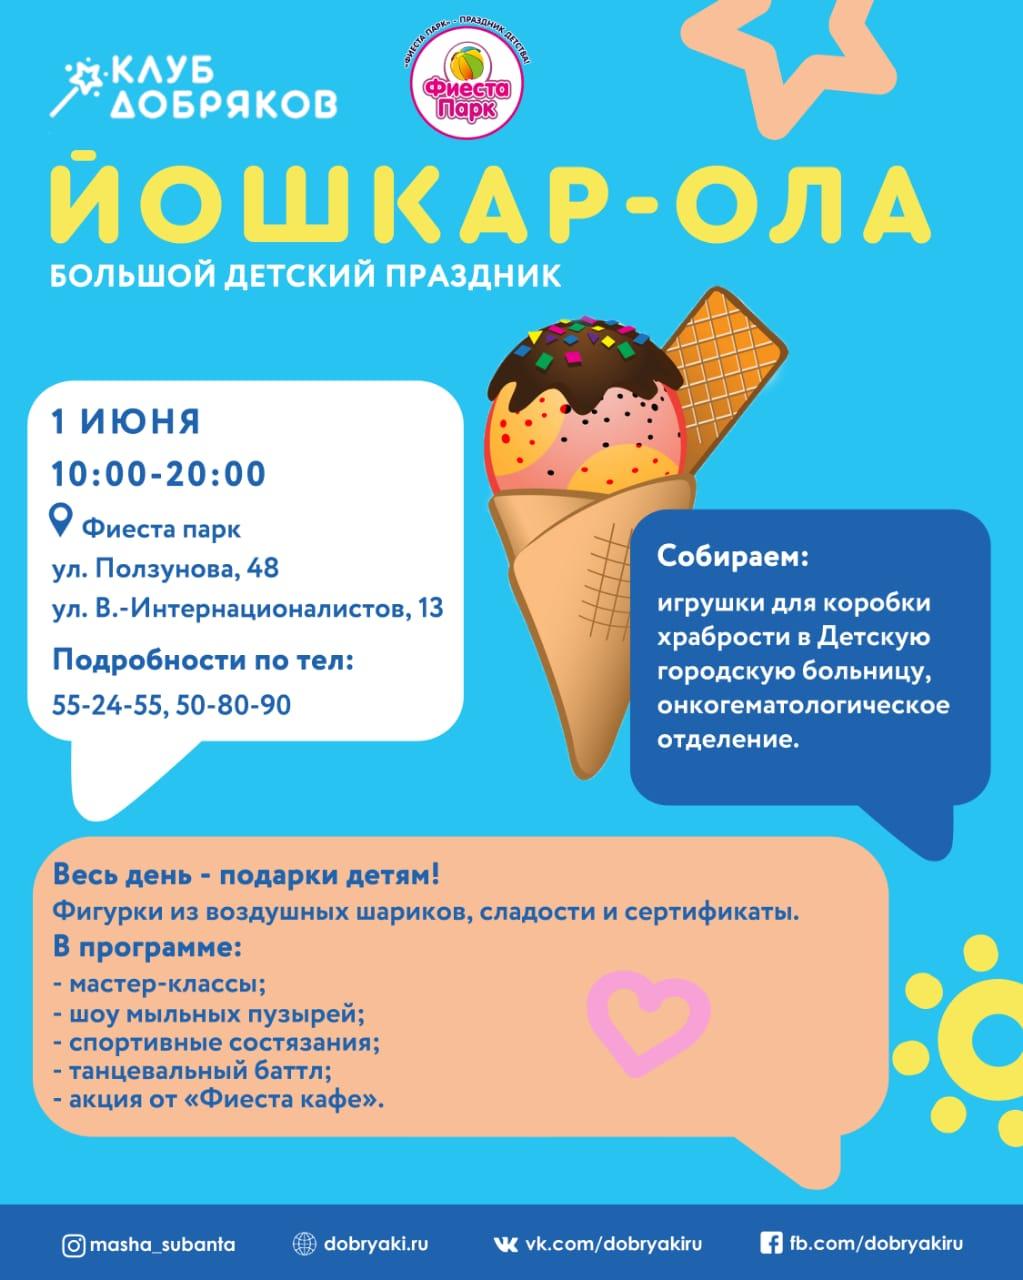 В Йошкар-Оле устроят праздник ко Дню защиты детей